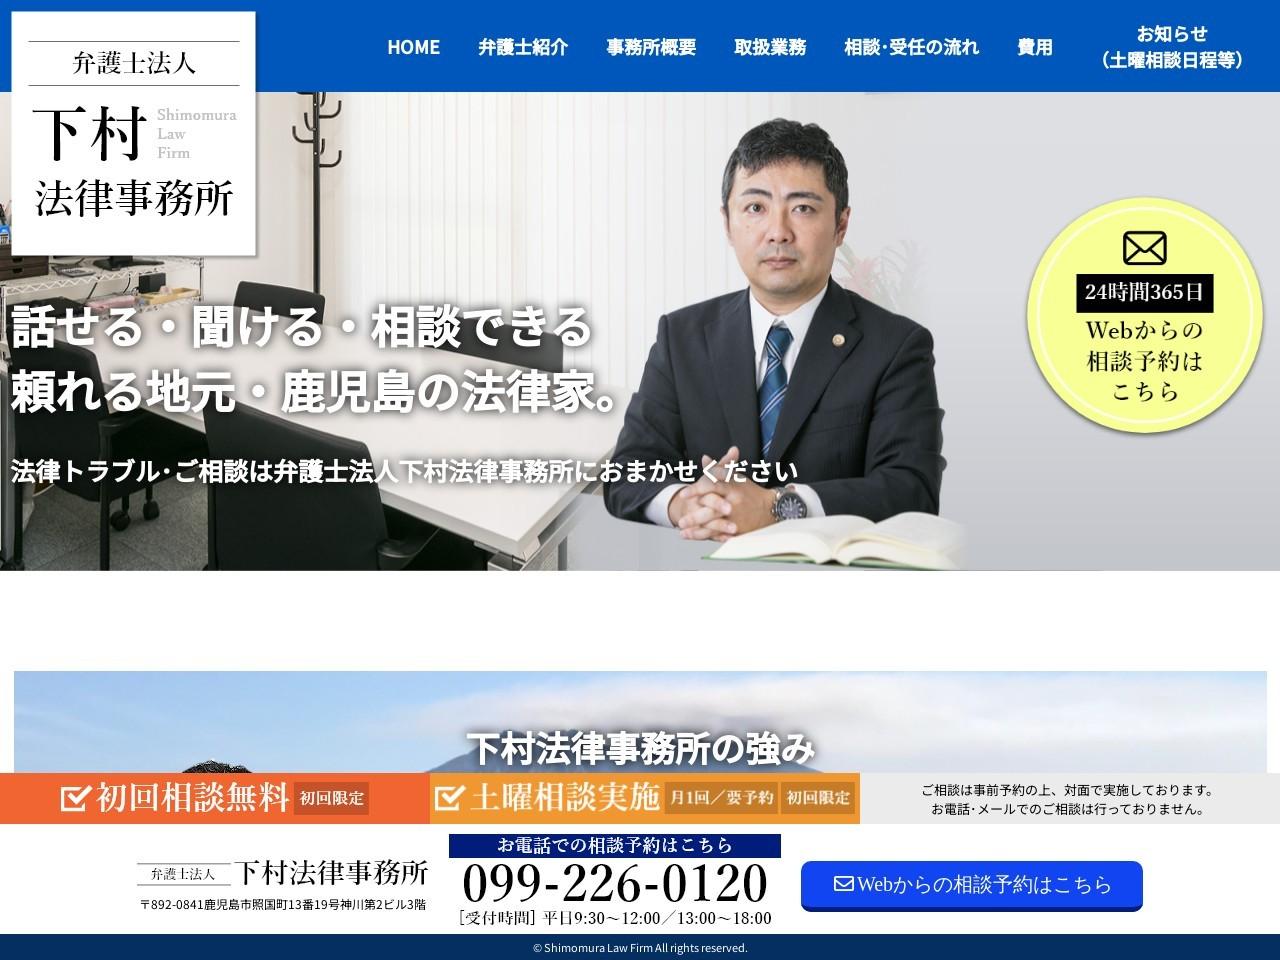 下村法律事務所(弁護士法人)